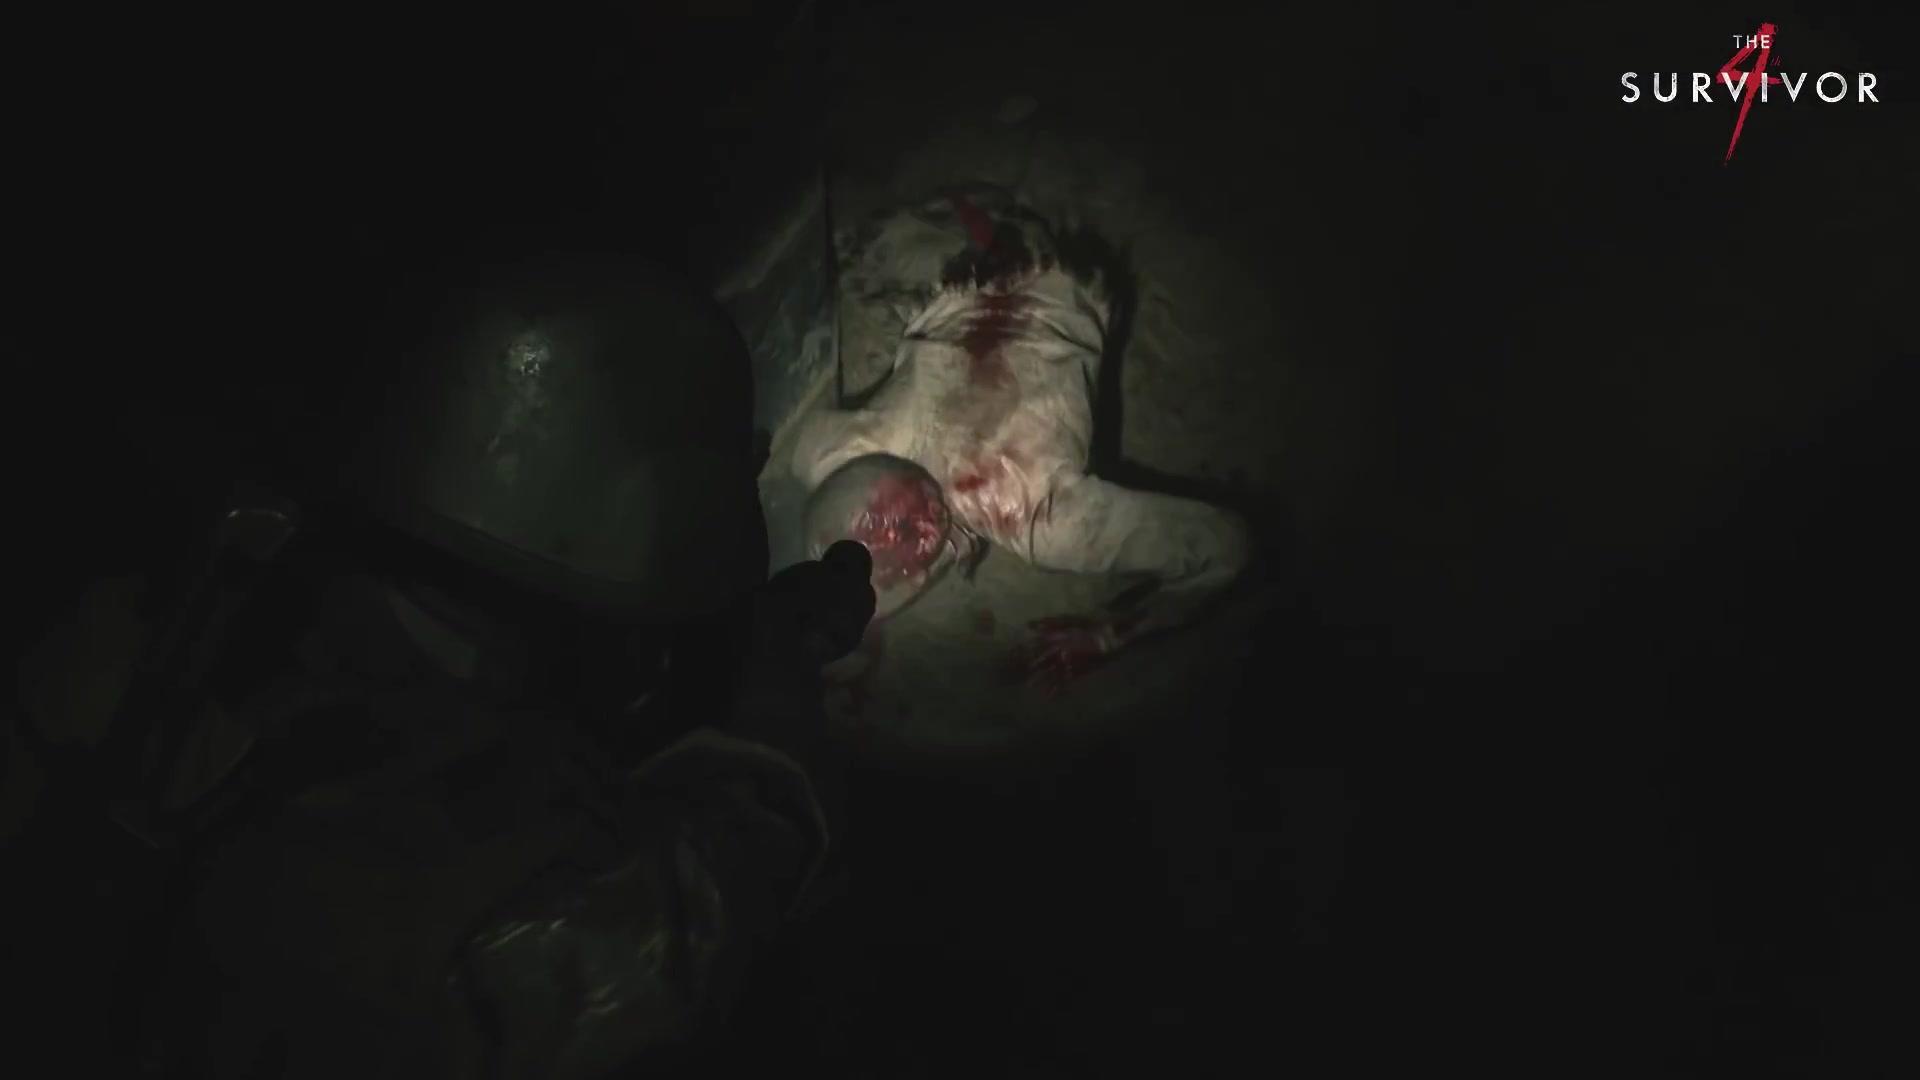 《生募化危急2:重制版》最新宣传片 死神物汉克披荆斩棘